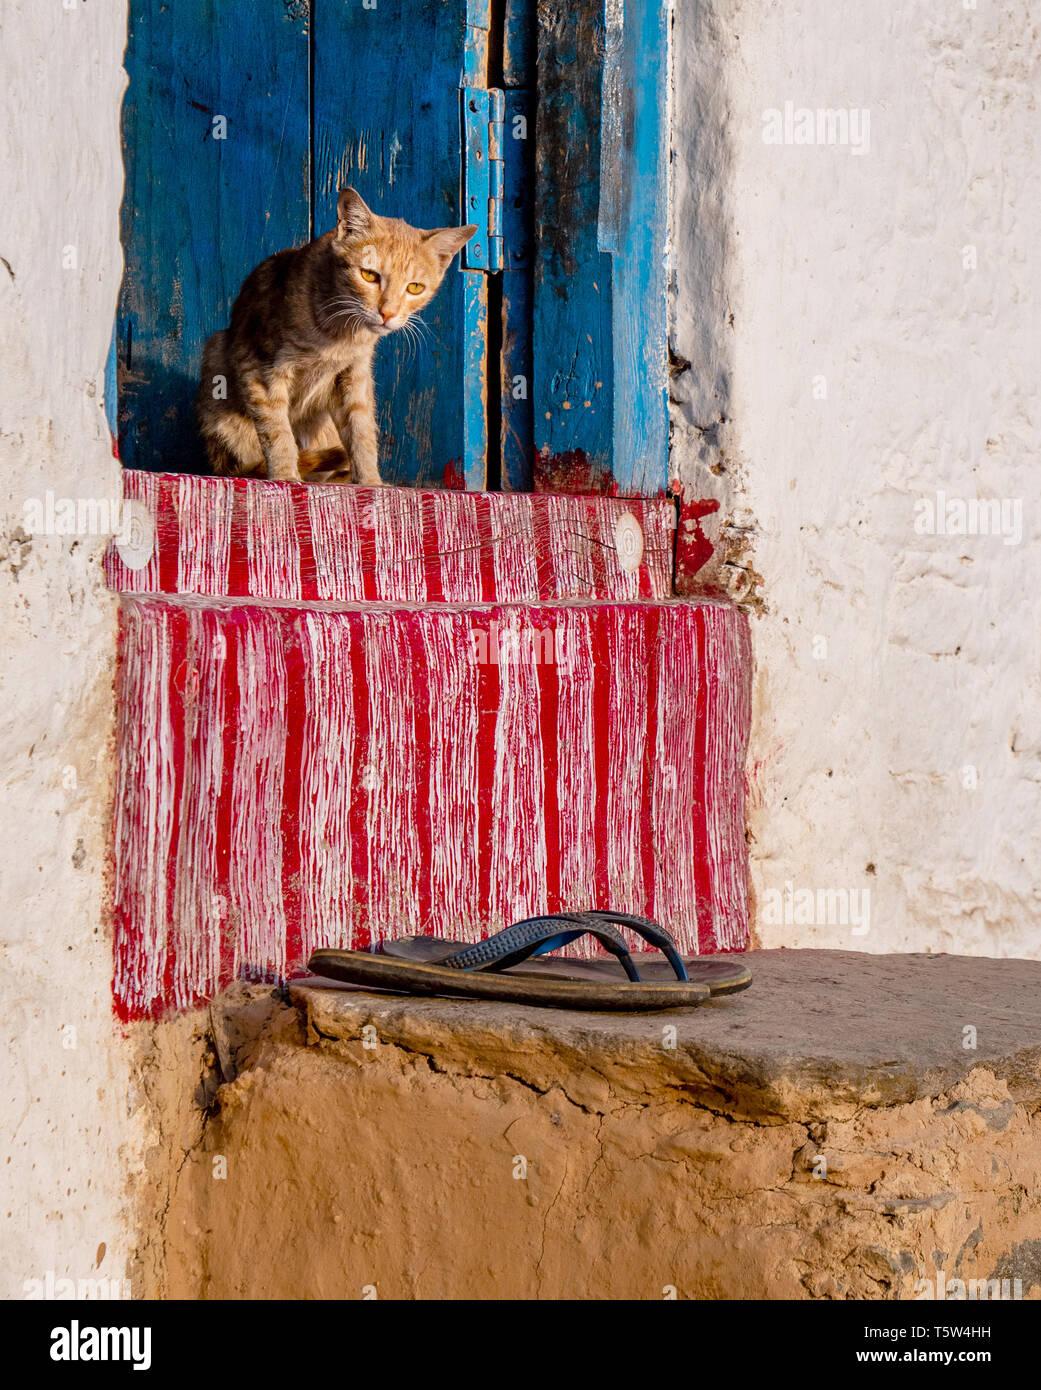 Assonnato cat e flip-flop sul tradizionalmente porte dipinte di un Borgo Casa al Supi nella valle Saryu dell India settentrionale Immagini Stock